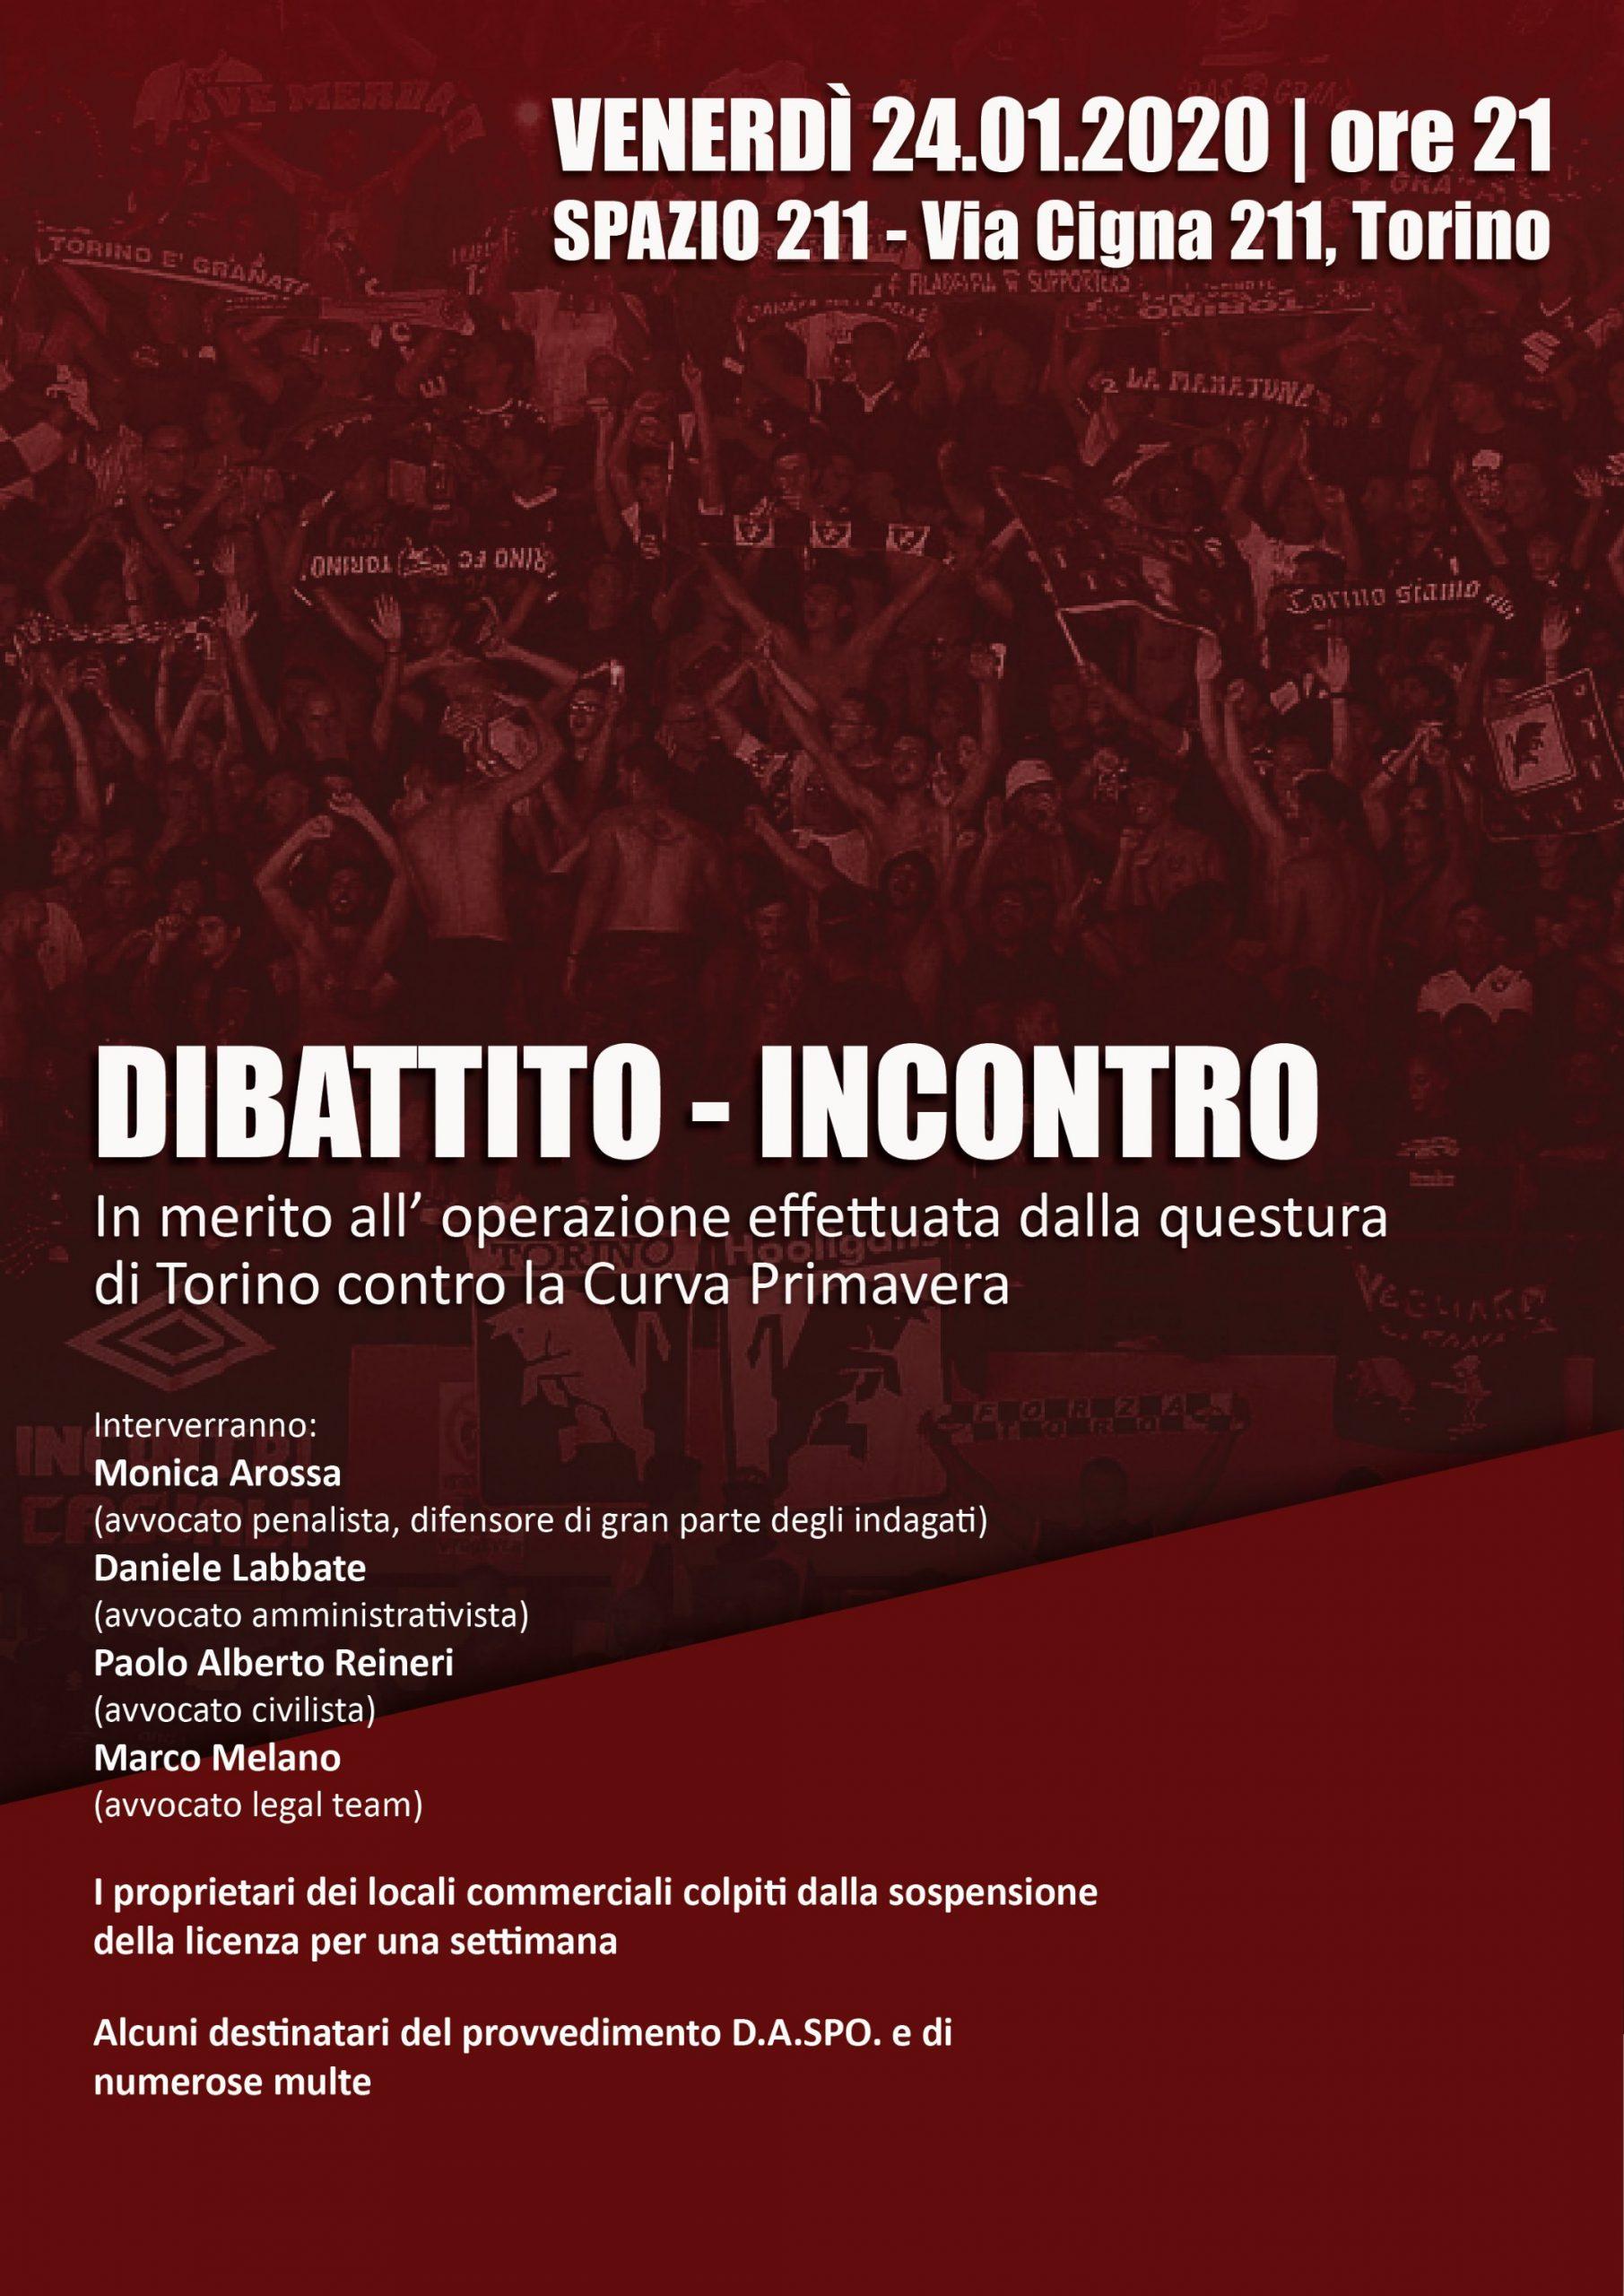 Curva Primavera: dibattito-incontro sull'operazione della questura di Torino